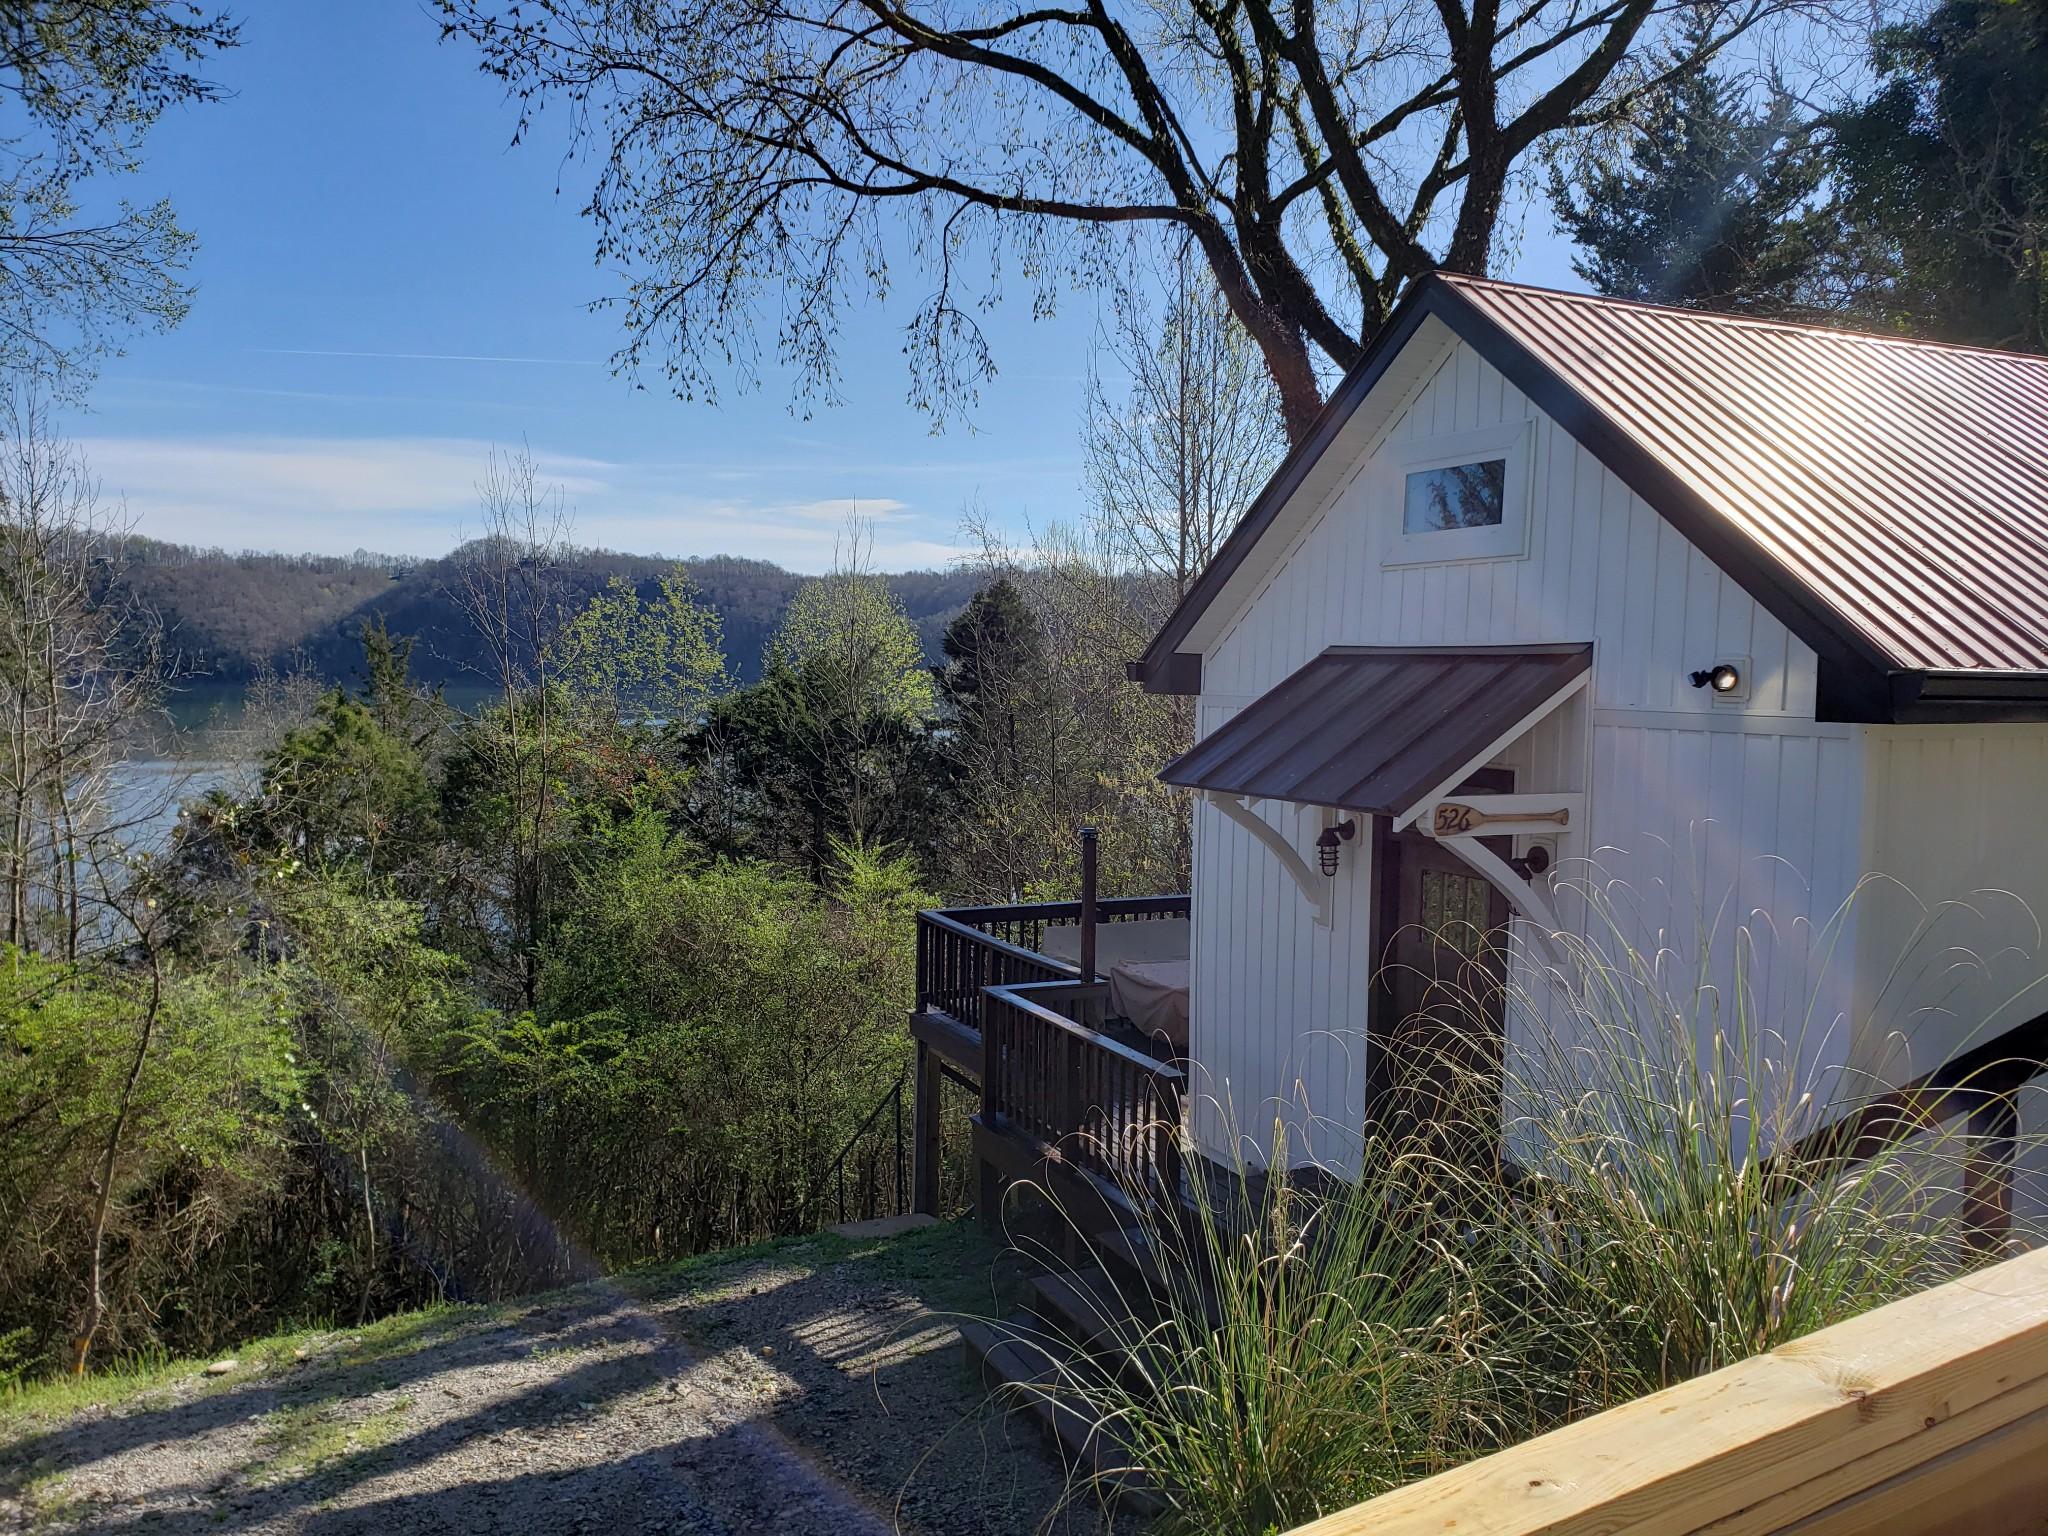 526 Askin Ln, Baxter, TN 38544 - Baxter, TN real estate listing